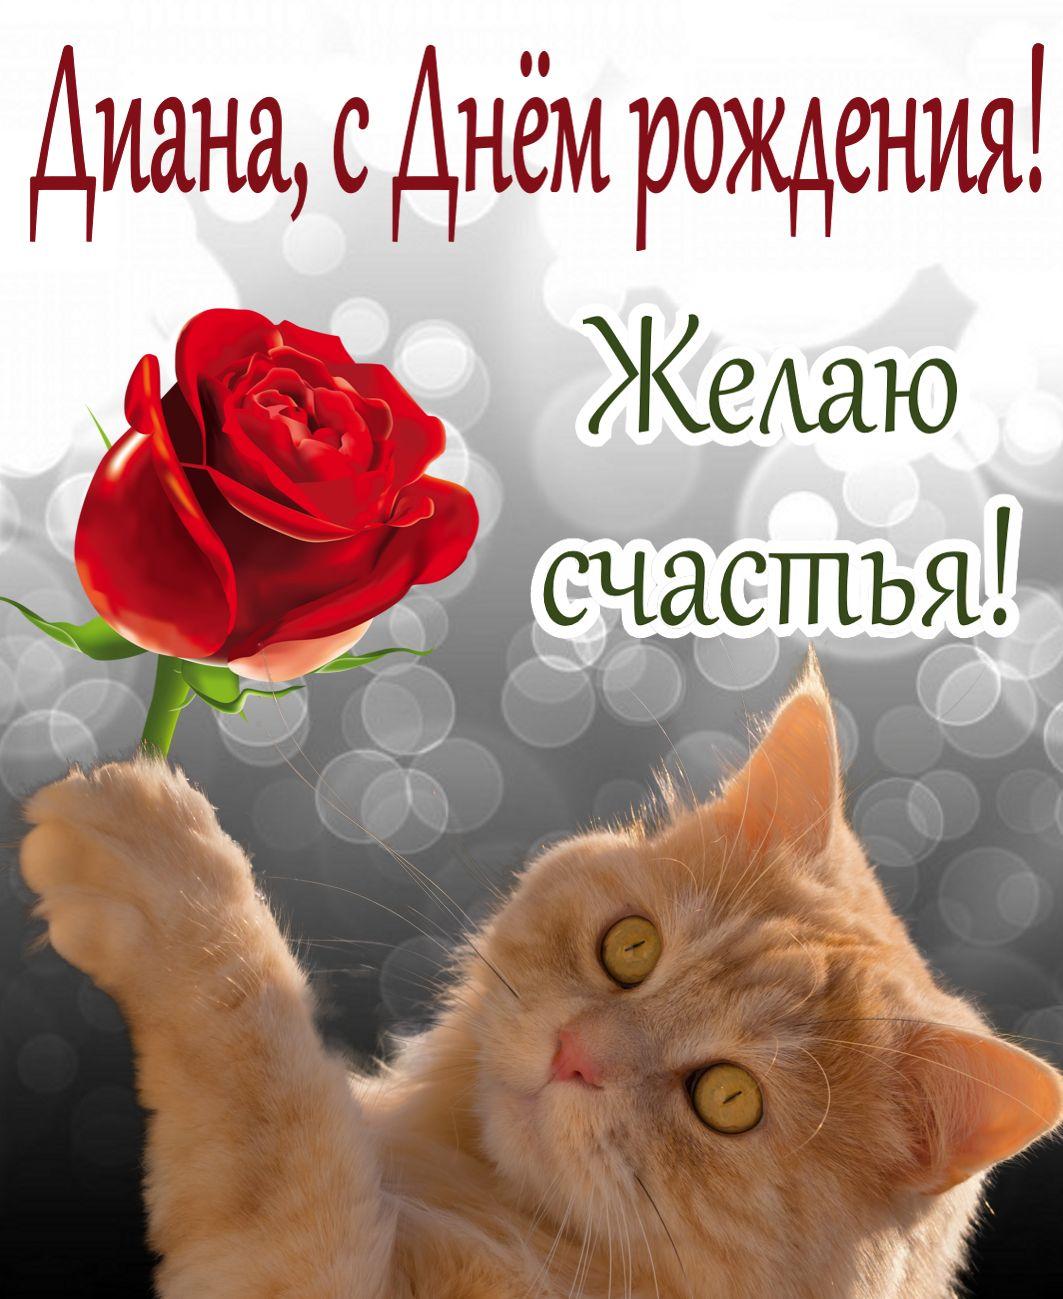 Открытка с Днем рождения Диане - красивый рыжий котик с красной розой